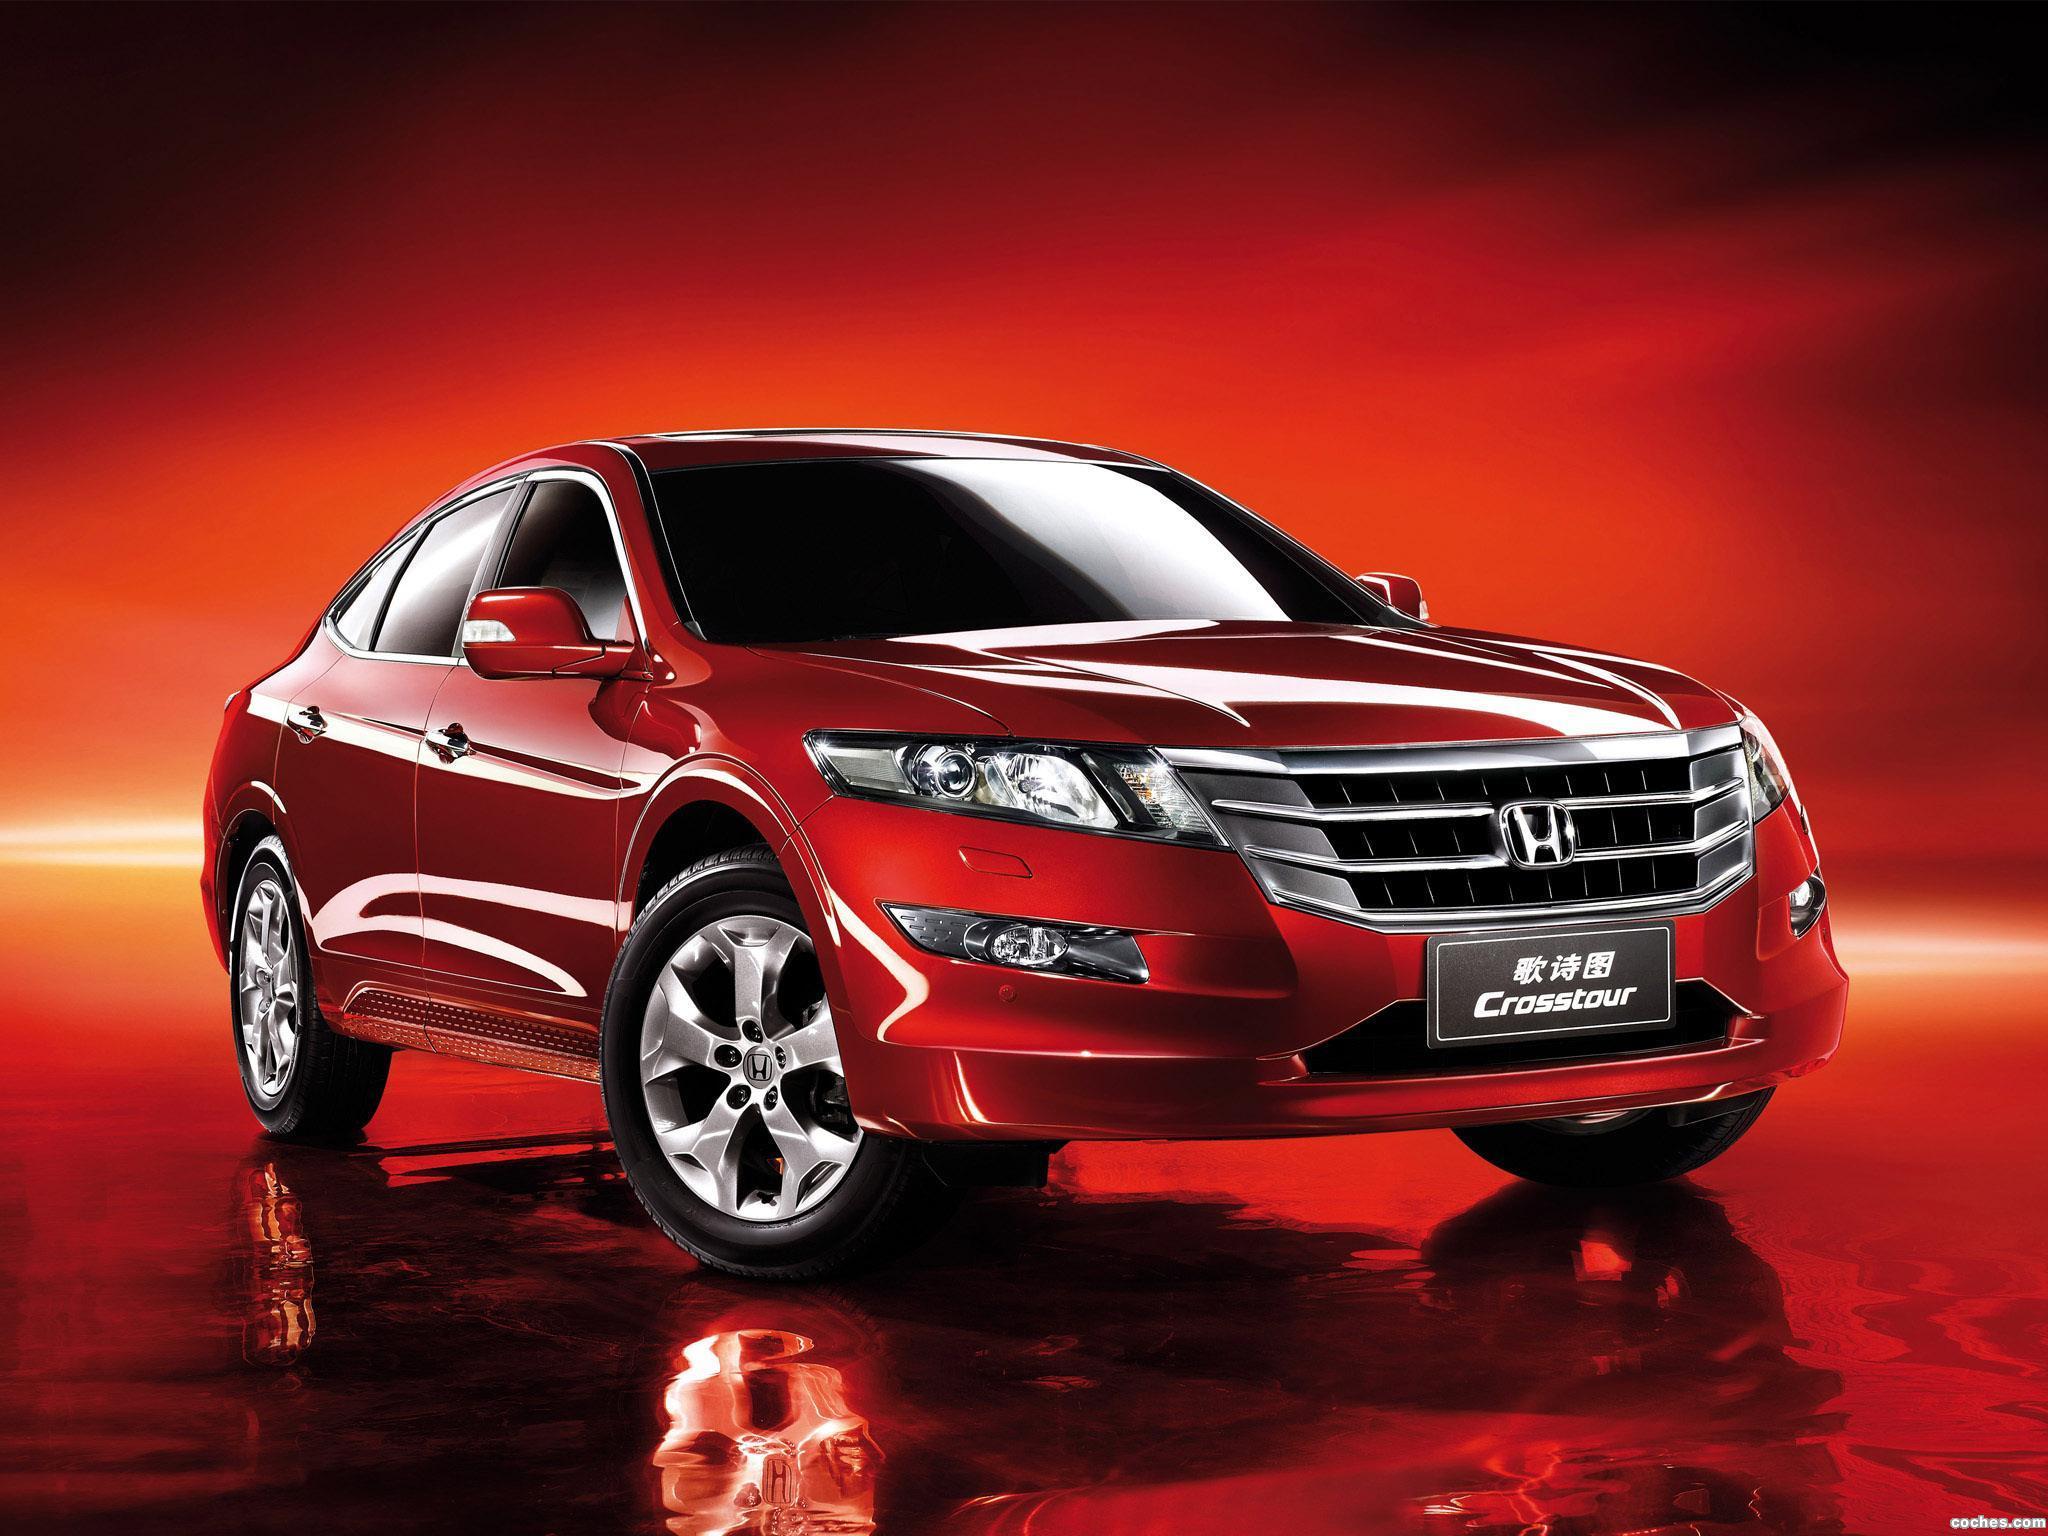 Foto 0 de Honda Accord Crosstour China 2010